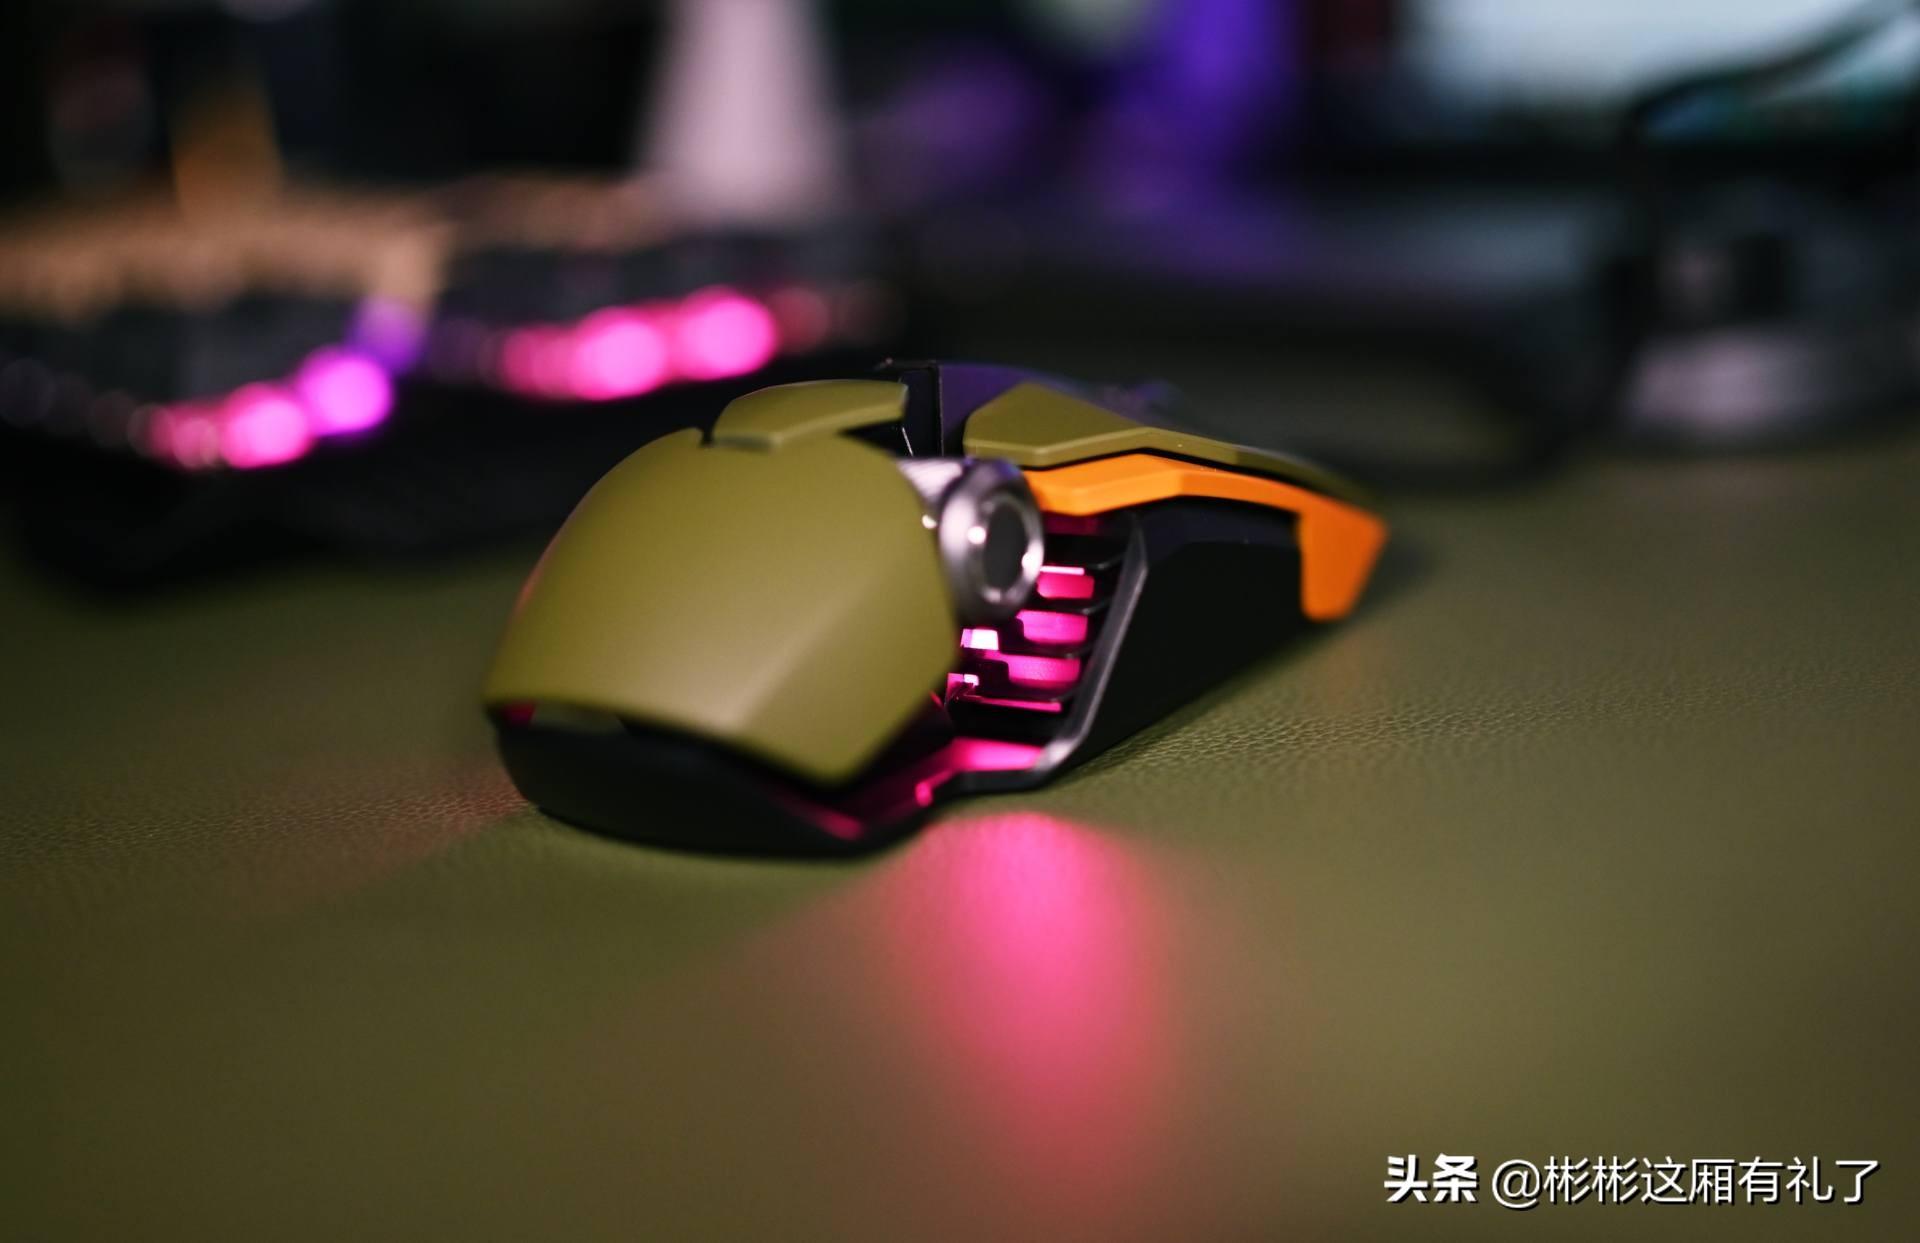 贱驴850r鼠标和619RS游戏键盘体验 三四百值得!